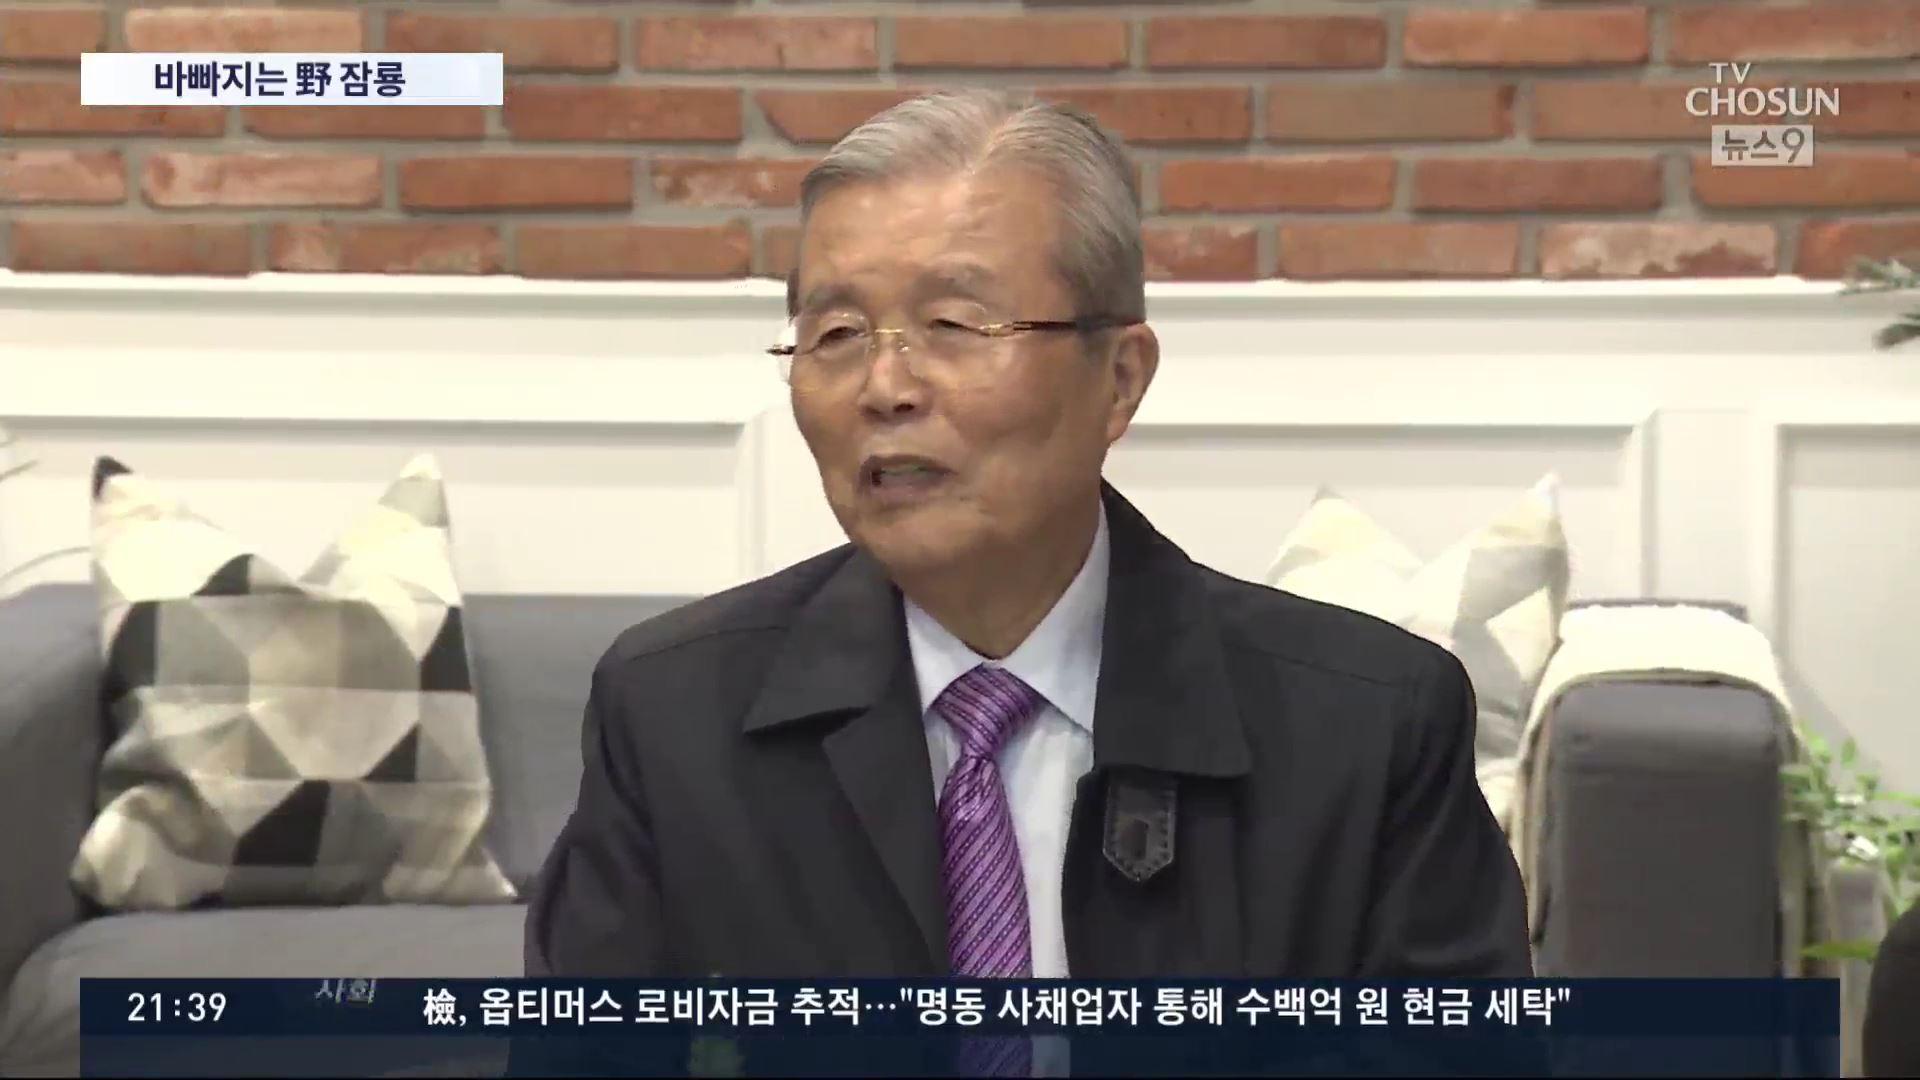 '유승민 캠프' 카페 찾은 김종인…오세훈은 '잠룡 원탁회의' 제안